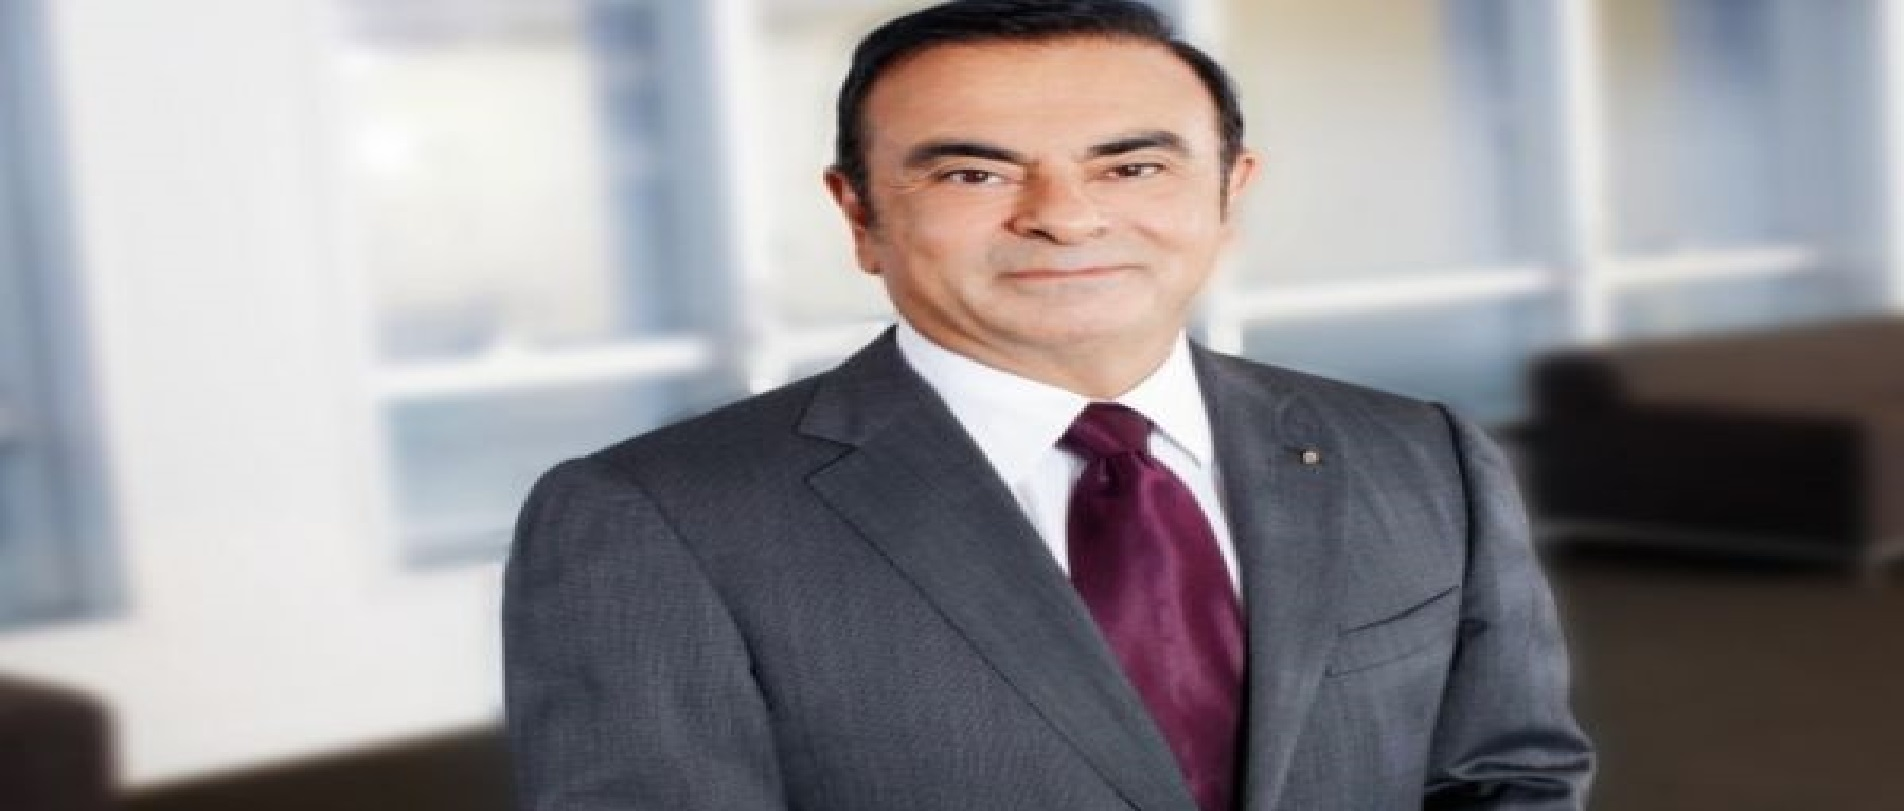 Photo of Renault CEO'su Carlos Ghosn tutuklandı